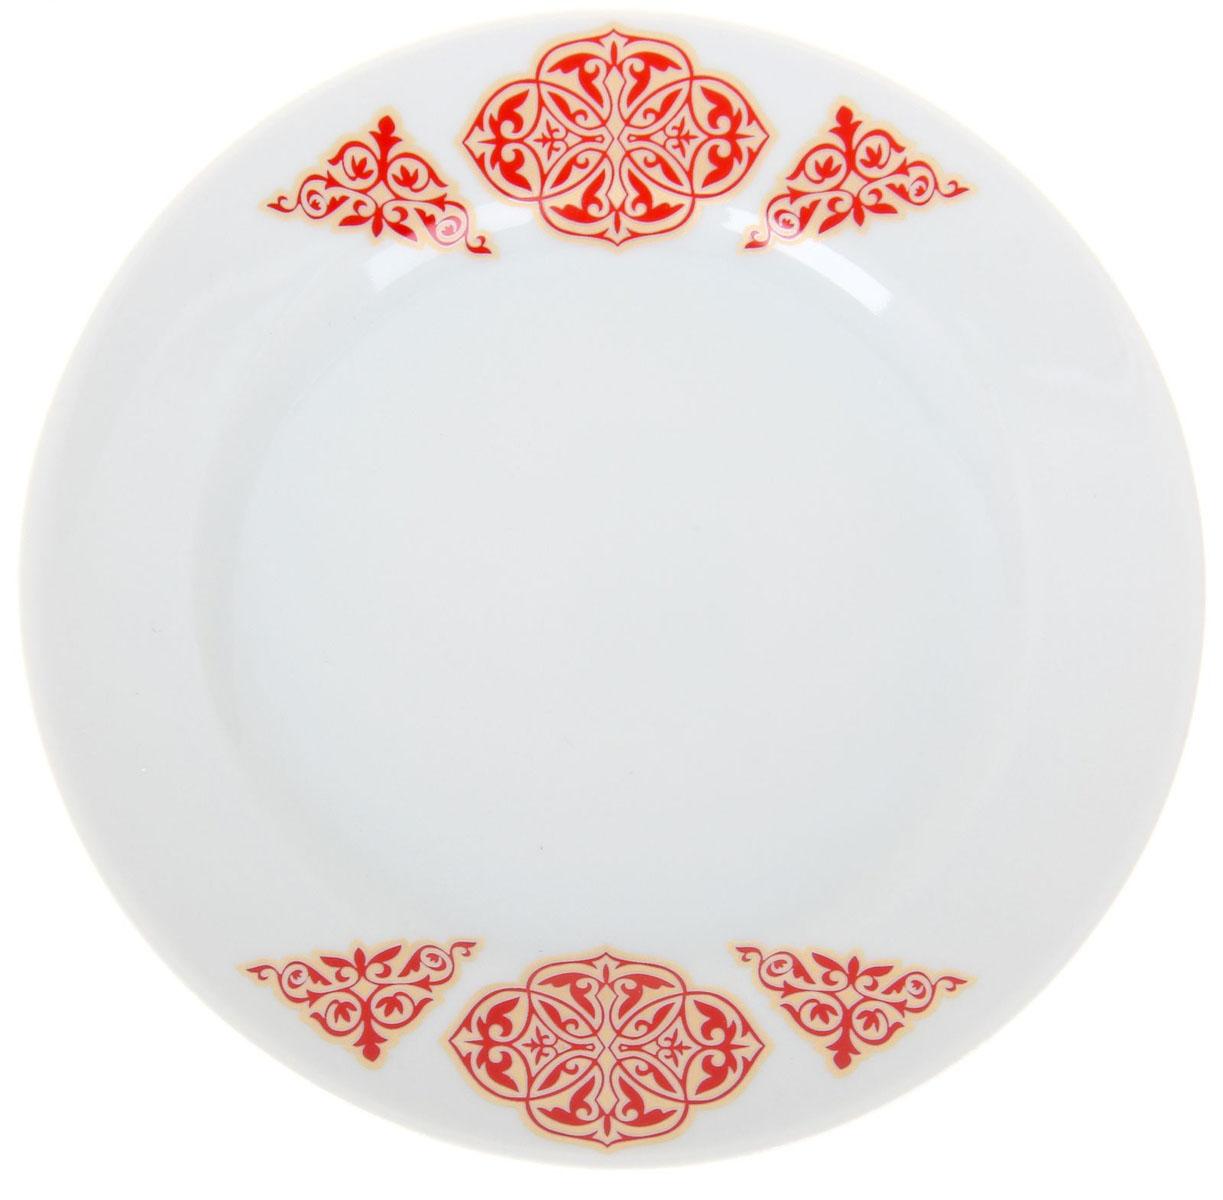 Тарелка мелкая Идиллия. Восточный, диаметр 20 см115510Тарелка Идиллия. Восточный изготовлена из высококачественного фарфора. Изделие декорировано красочным изображением. Такая тарелка отлично подойдет в качестве блюда, она идеальна для сервировки закусок, нарезок, горячих блюд. Тарелка прекрасно дополнит сервировку стола и порадует вас оригинальным дизайном.